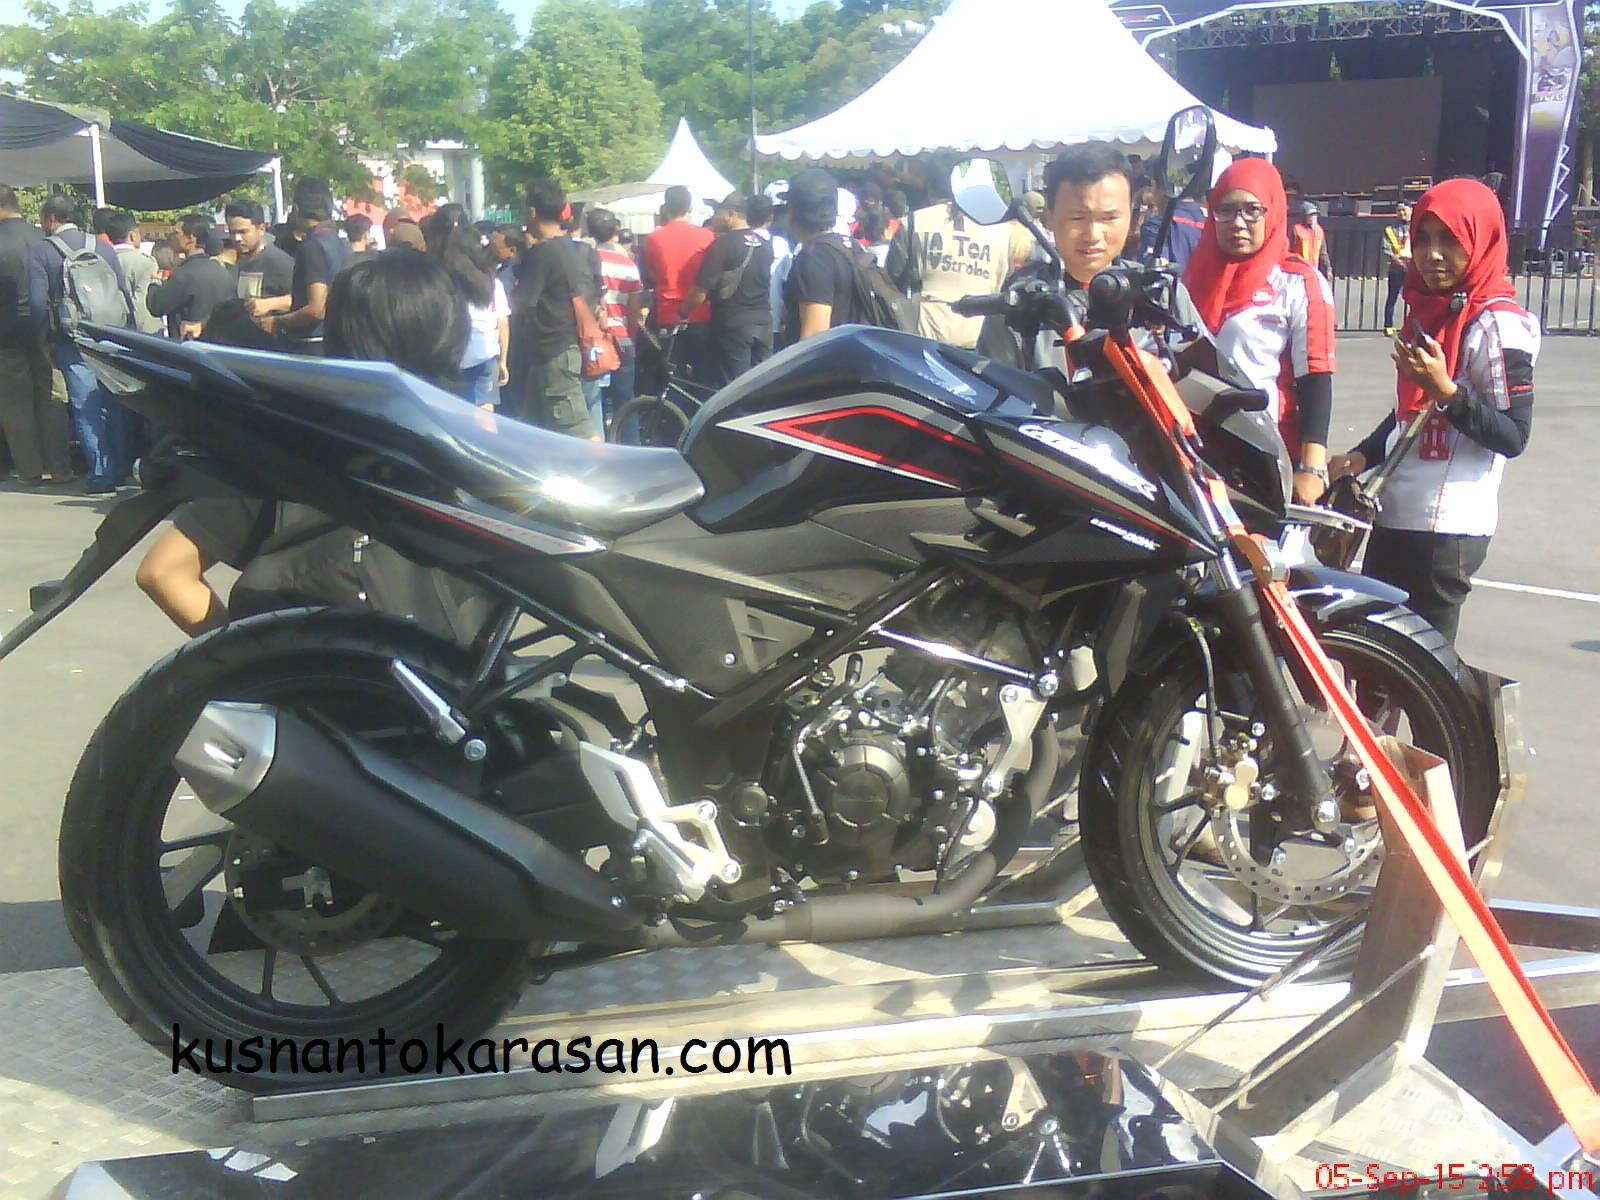 103 Modifikasi Motor Cb 150r Warna Hitam Modifikasi Motor Honda CB